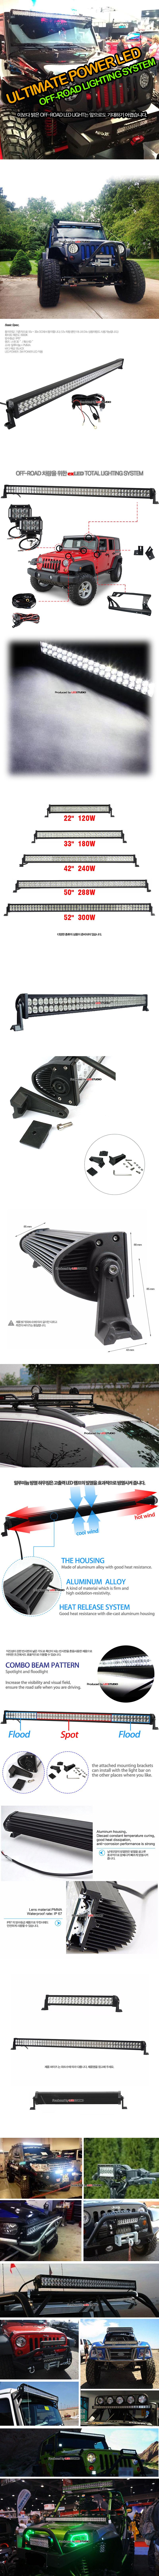 [재고한정특가] 울티메이트 CREE 파워 LED 오프로드(OFF-ROAD) 써치 라이트닝 시스템 : 120W (21.5인치/55cm/40 LED)